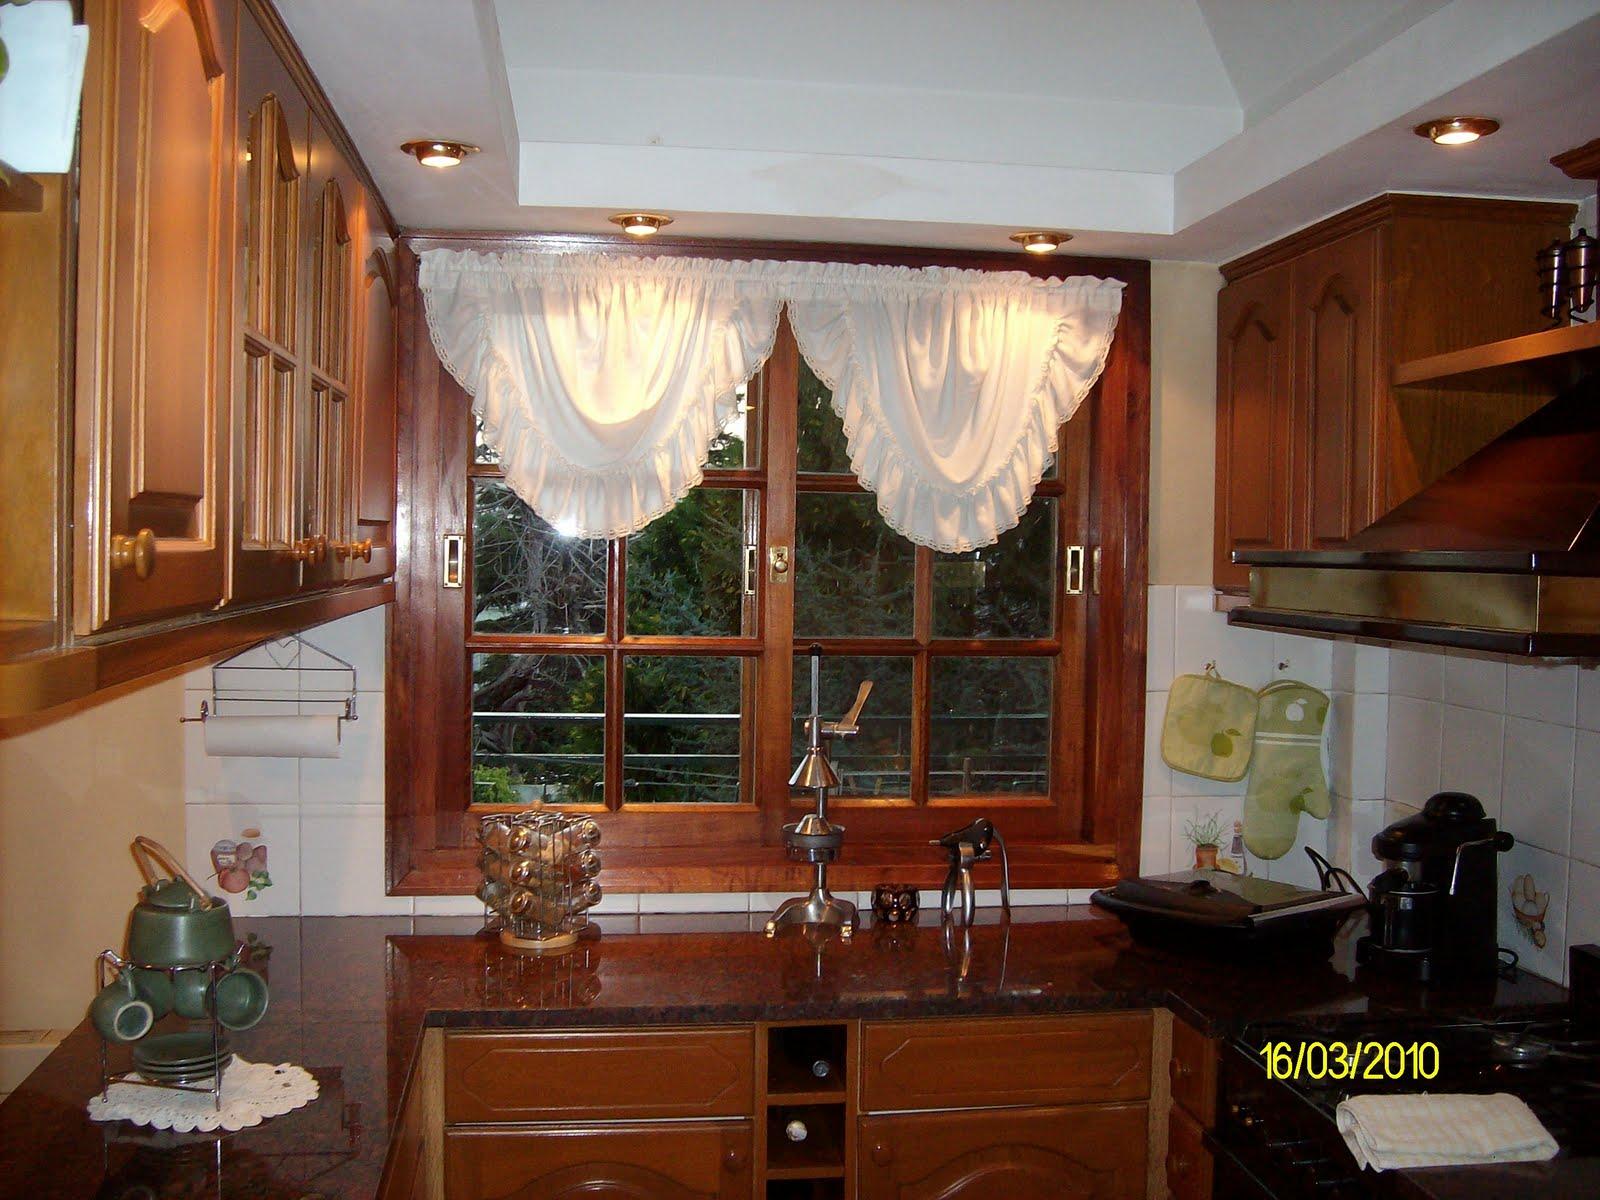 Emy decoraciones cortinas de cocina for Cortinas de cocina originales